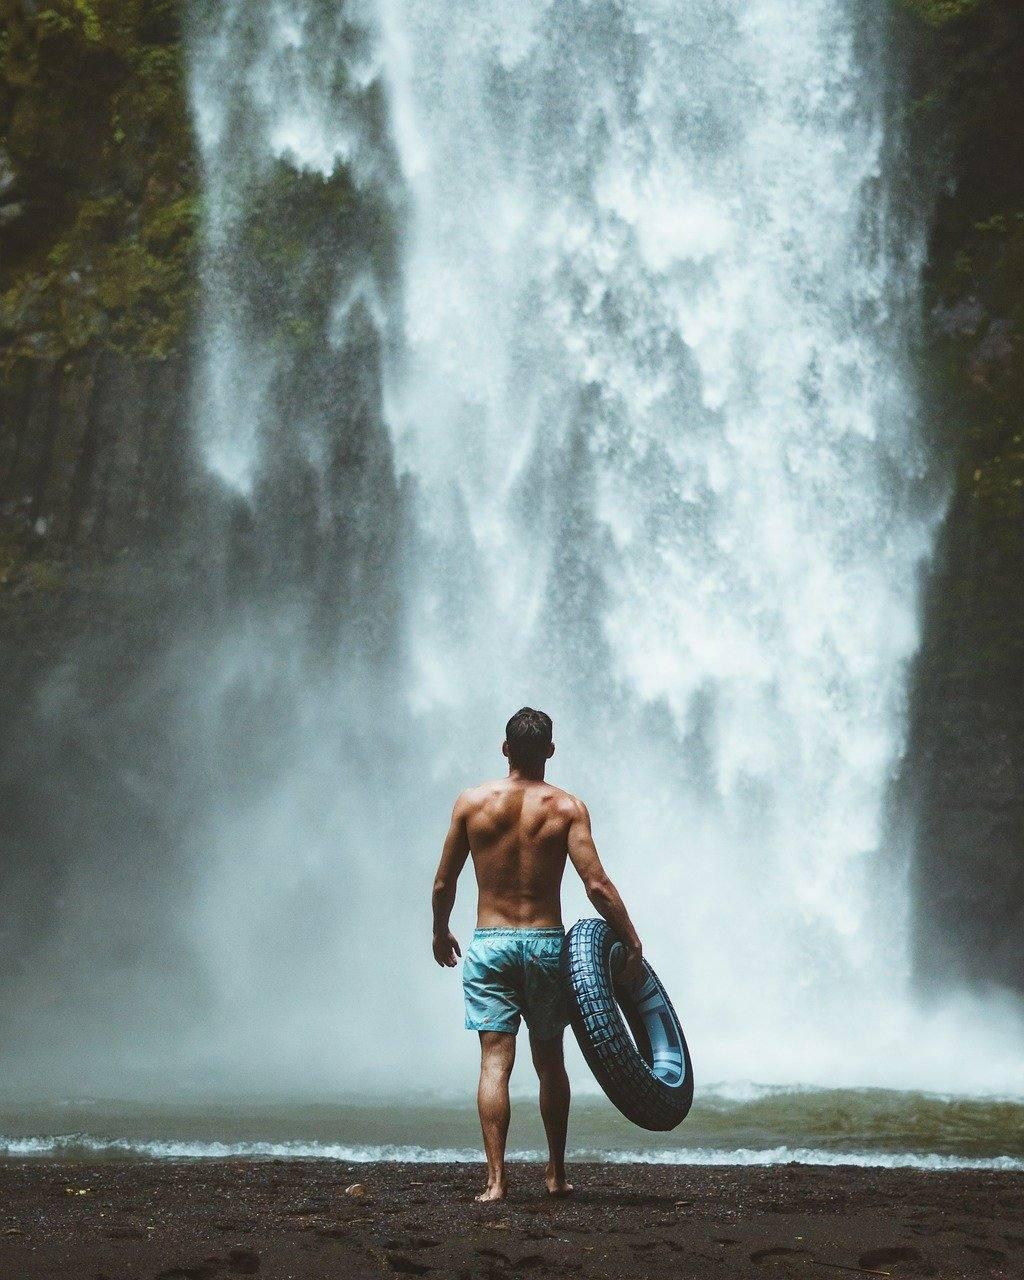 Man at Waterfall Dry July